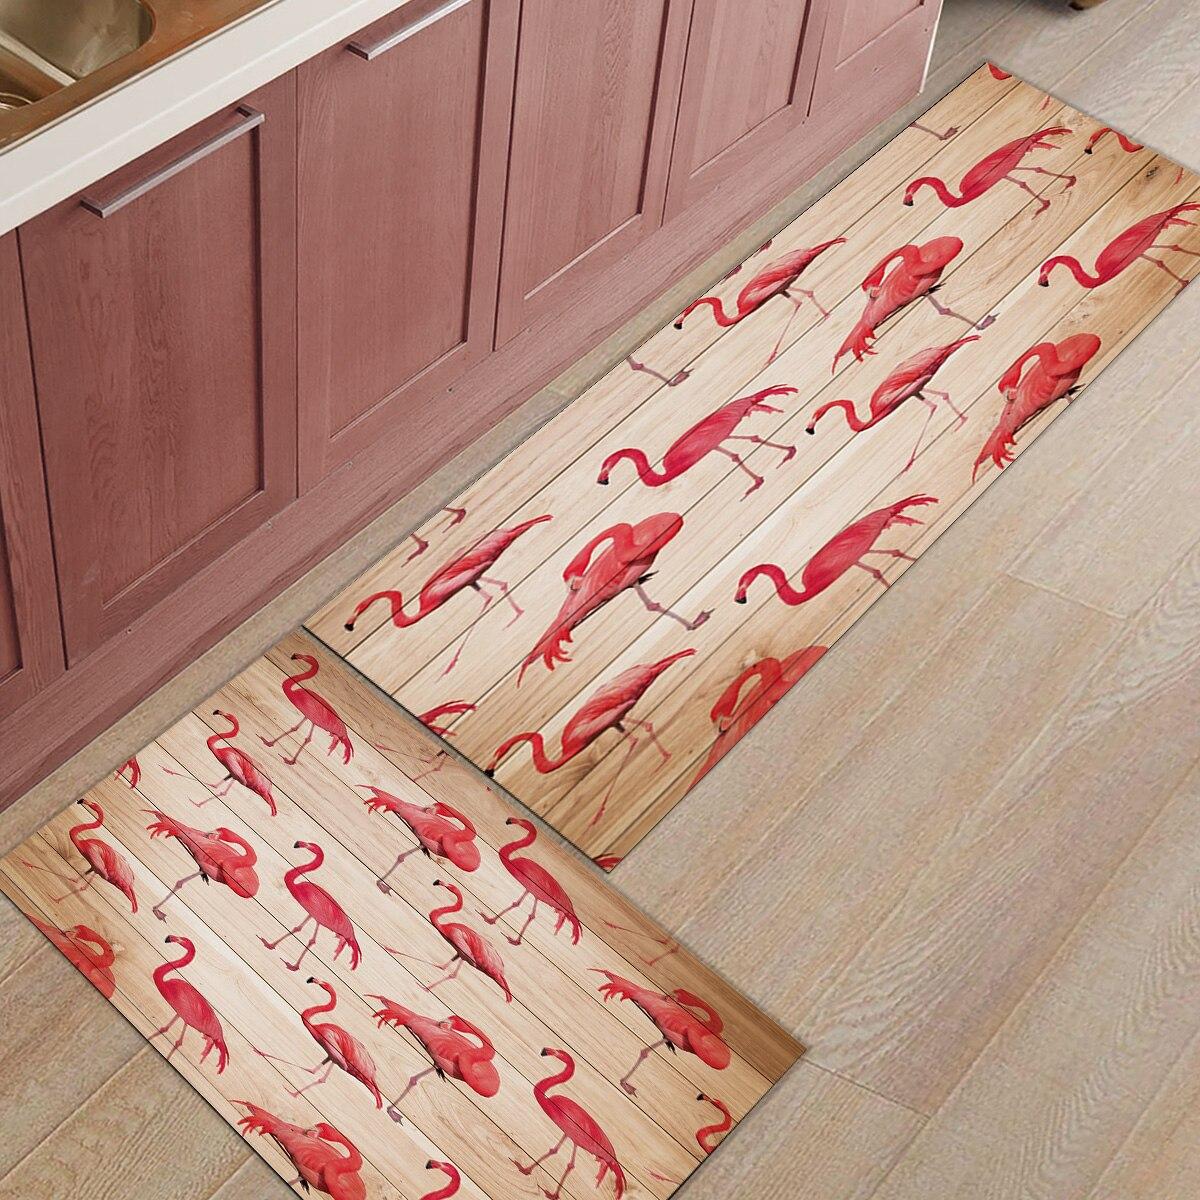 Wood Grain Print Rug: 2pcs/set Wood Grain Flamingo Print Doormats Entrance Front